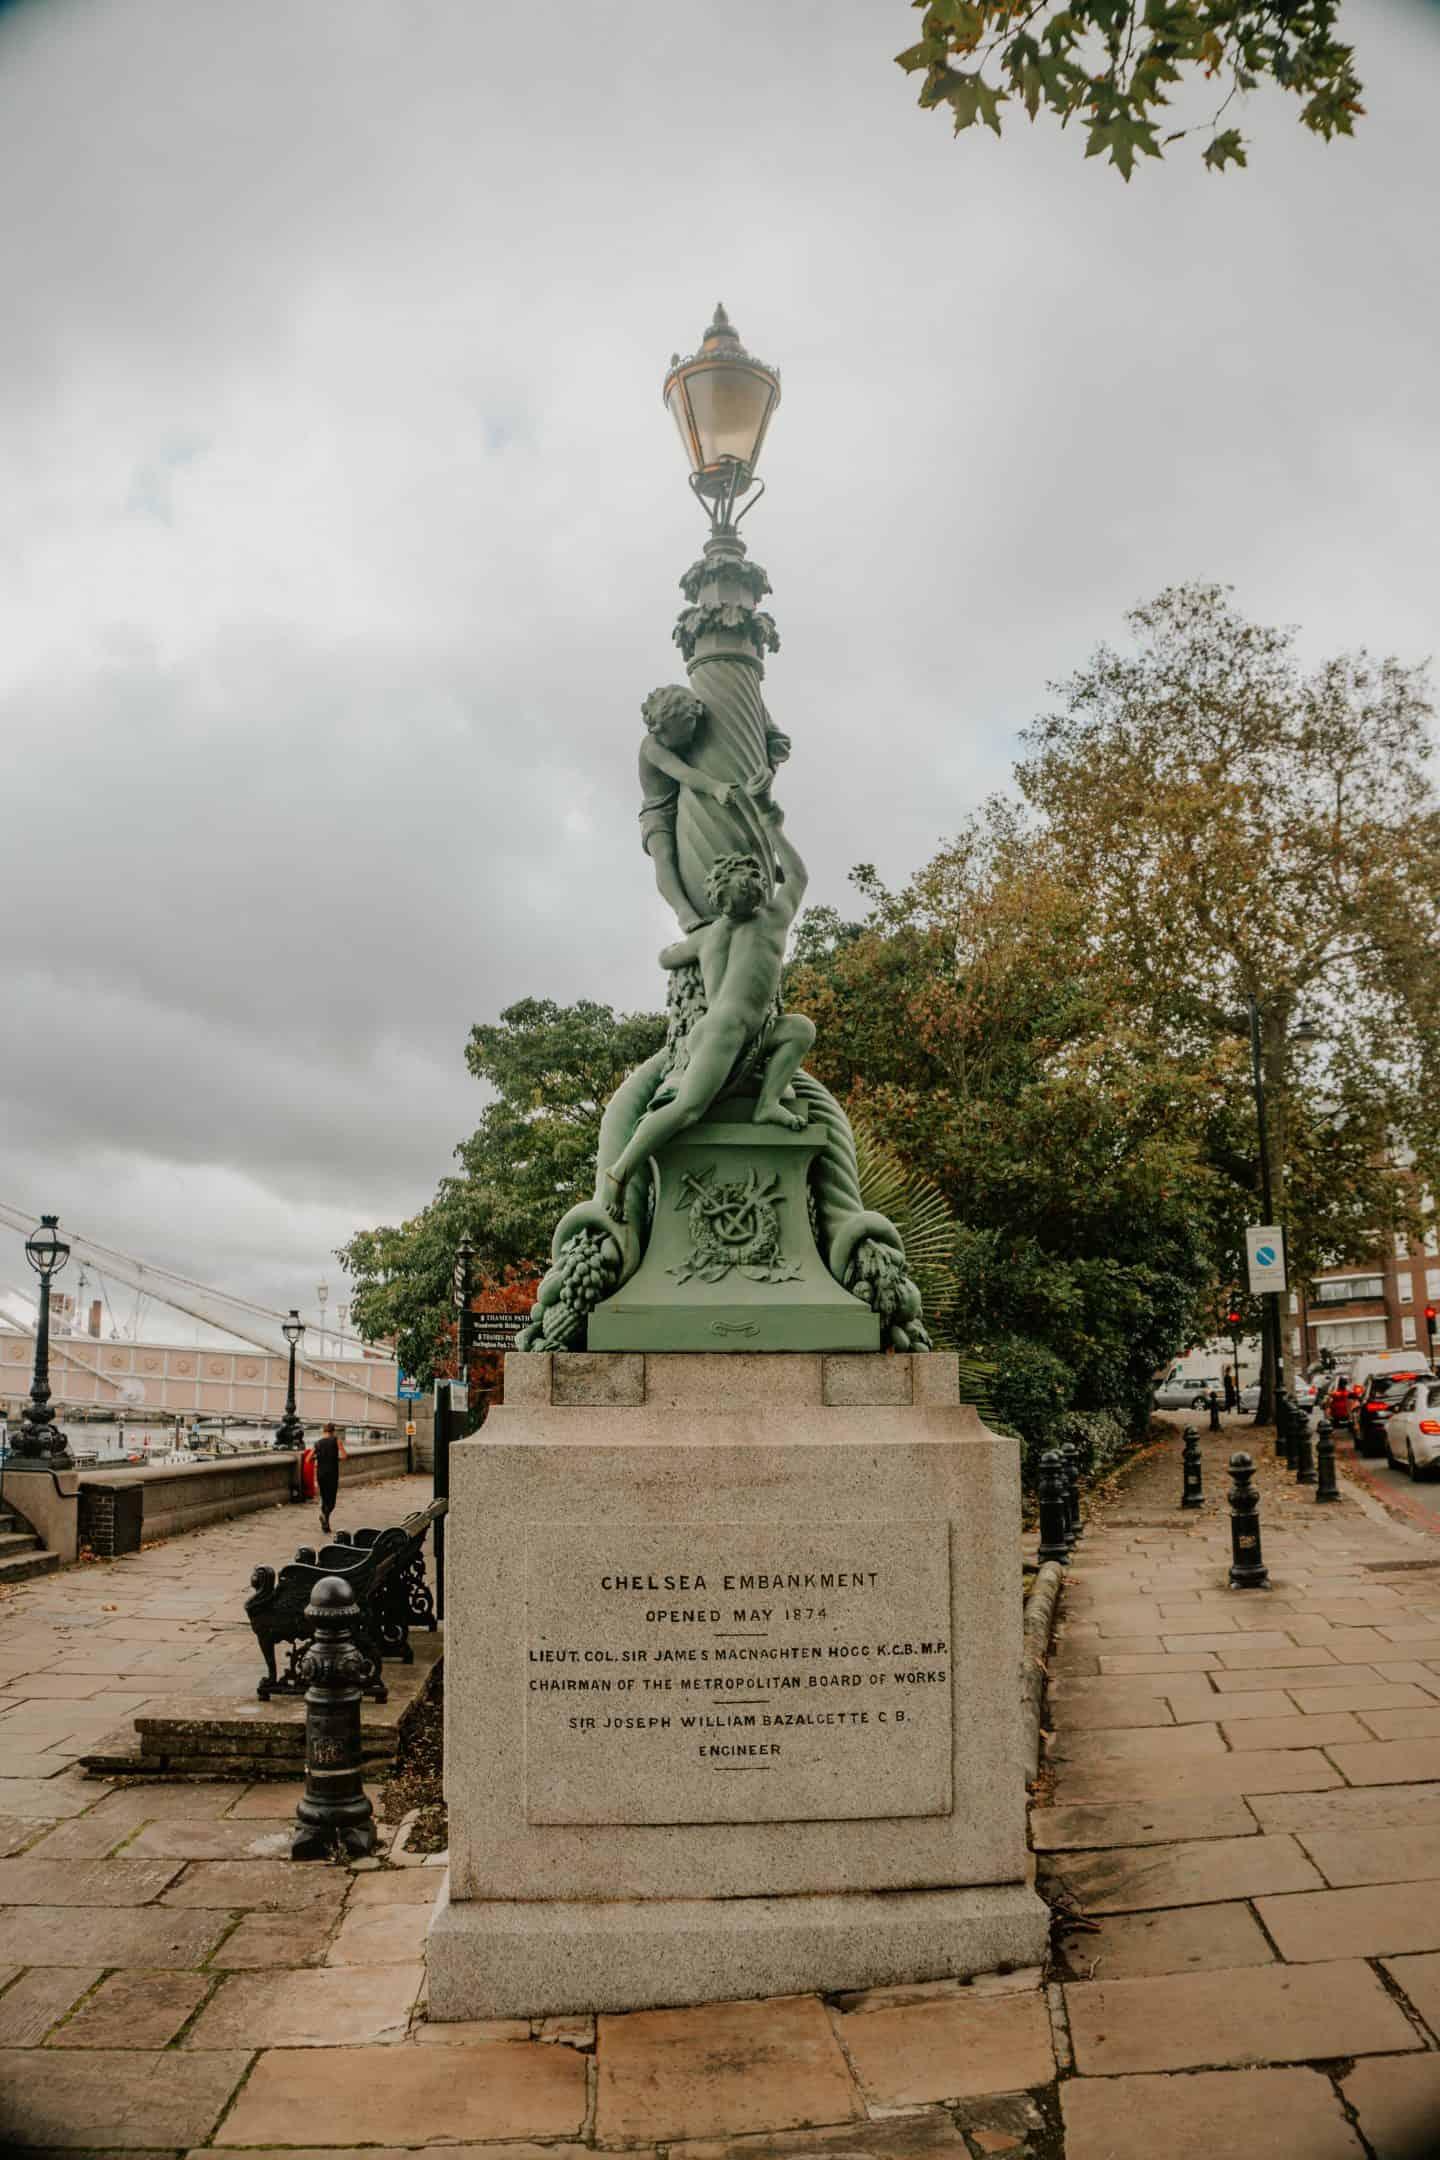 Statue in London near Chelsea Embankment